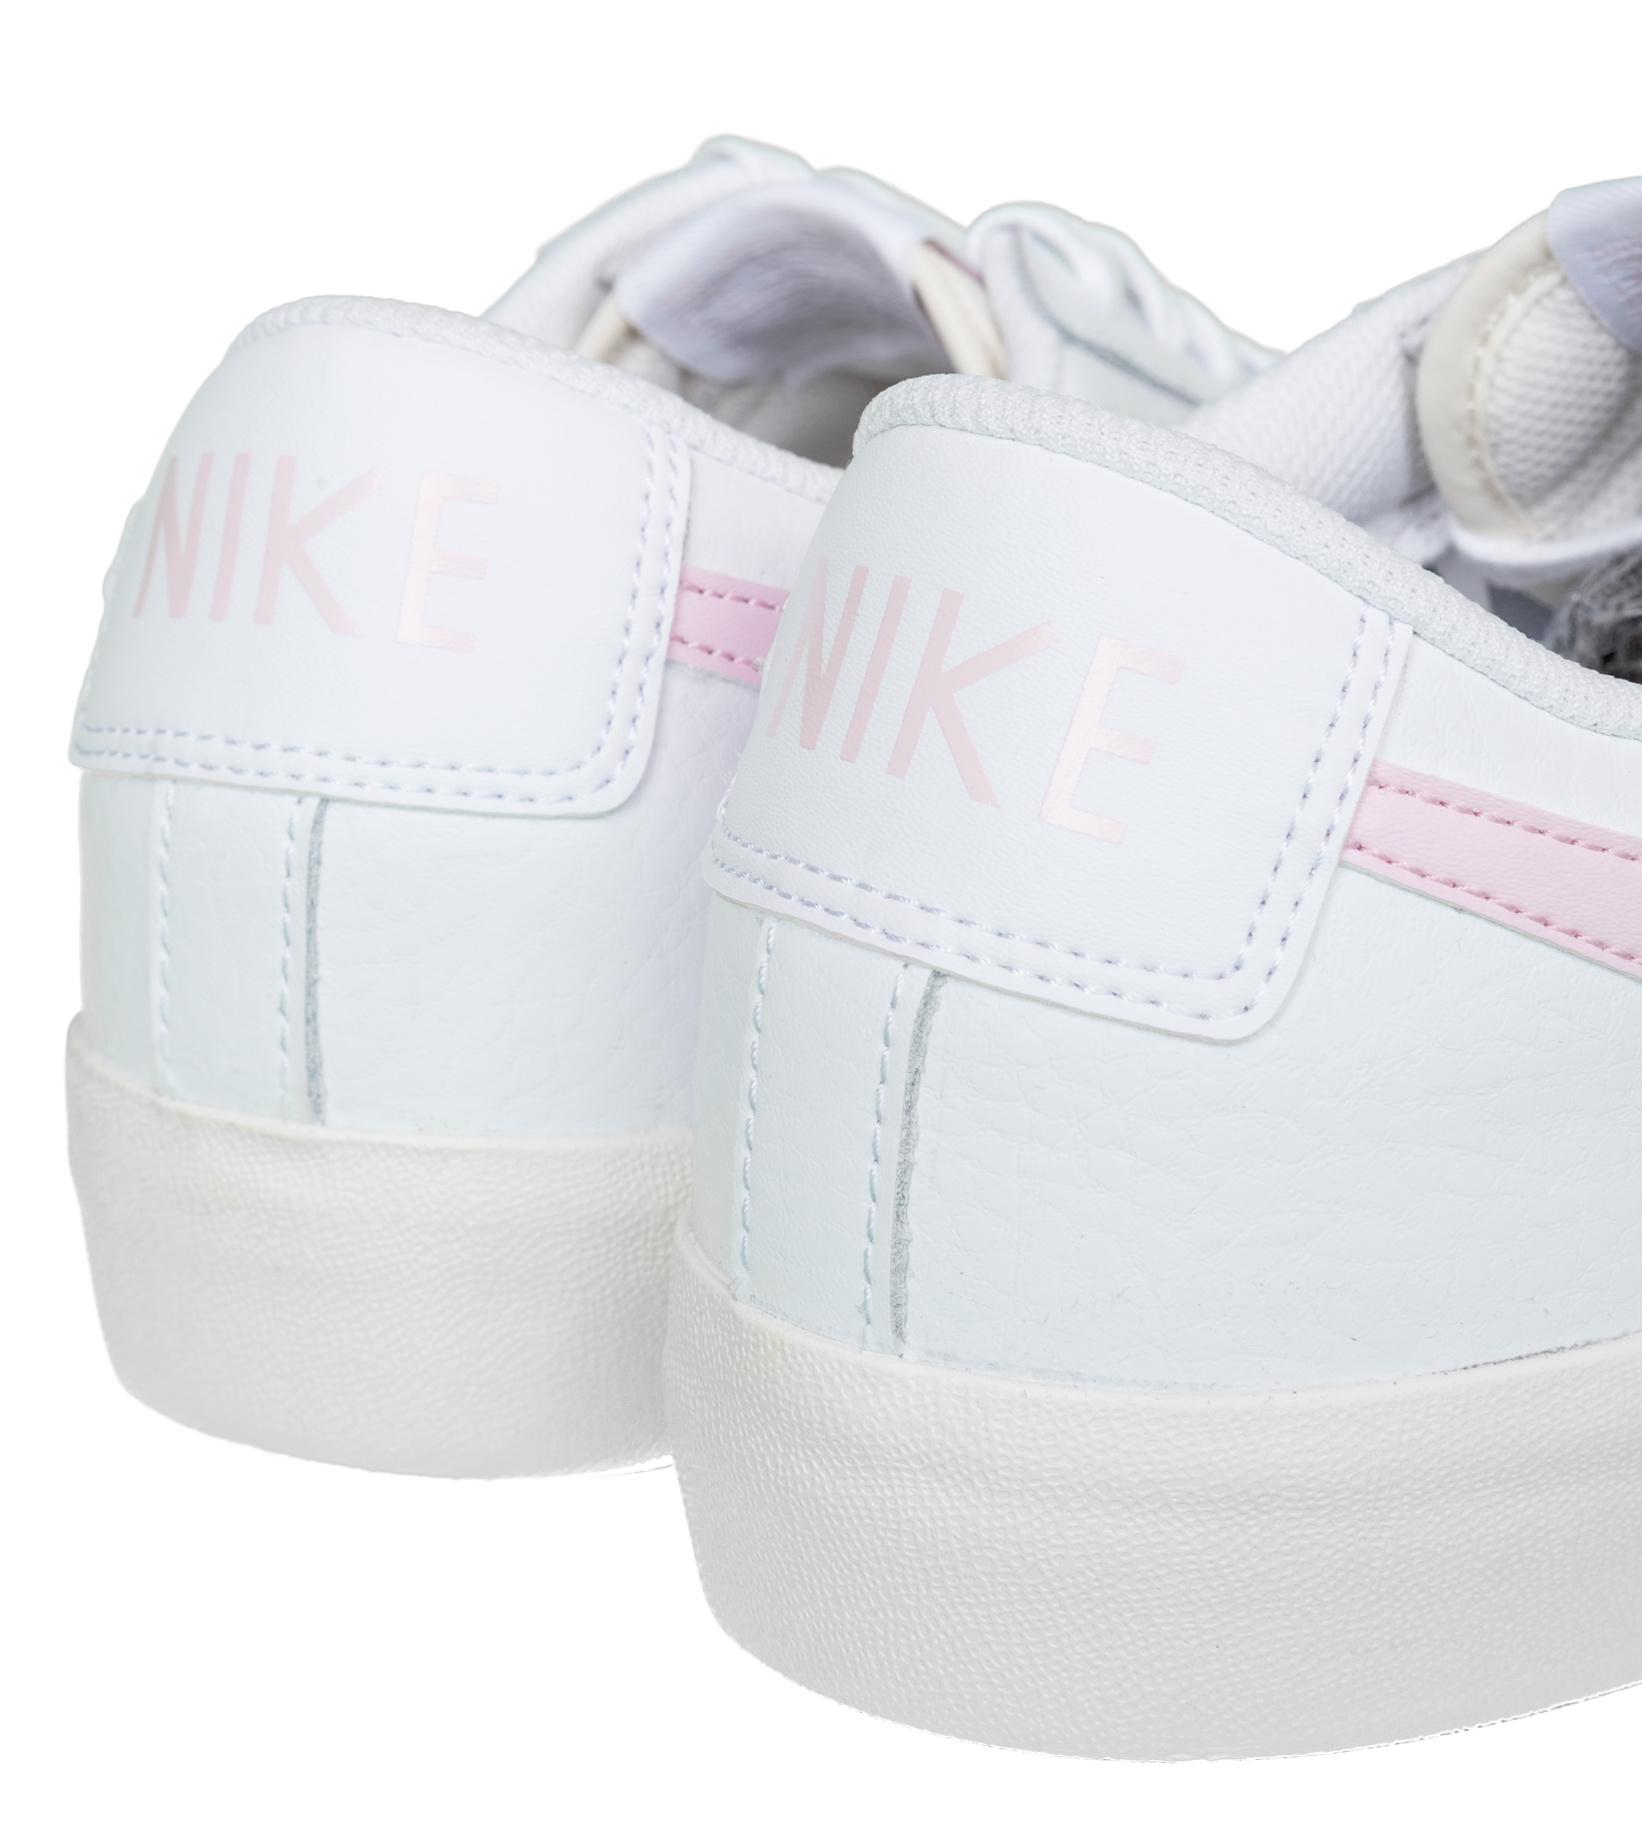 """Blazer Low Leather """"White/Pink Foam""""-6"""